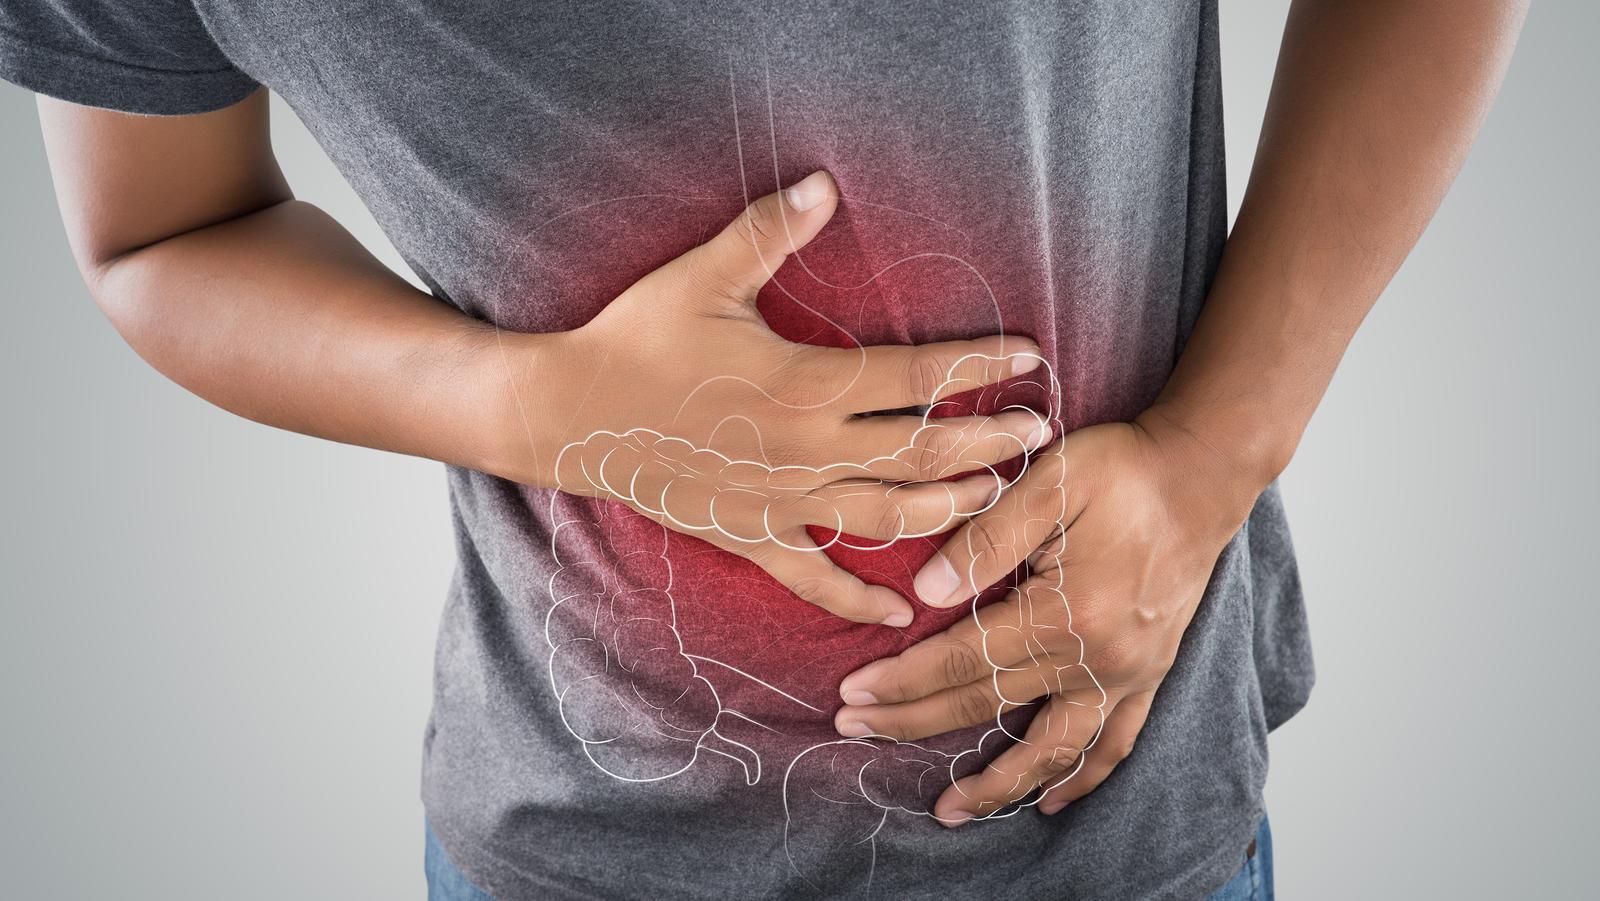 okozhat-e a fogyás emésztési zavarokat